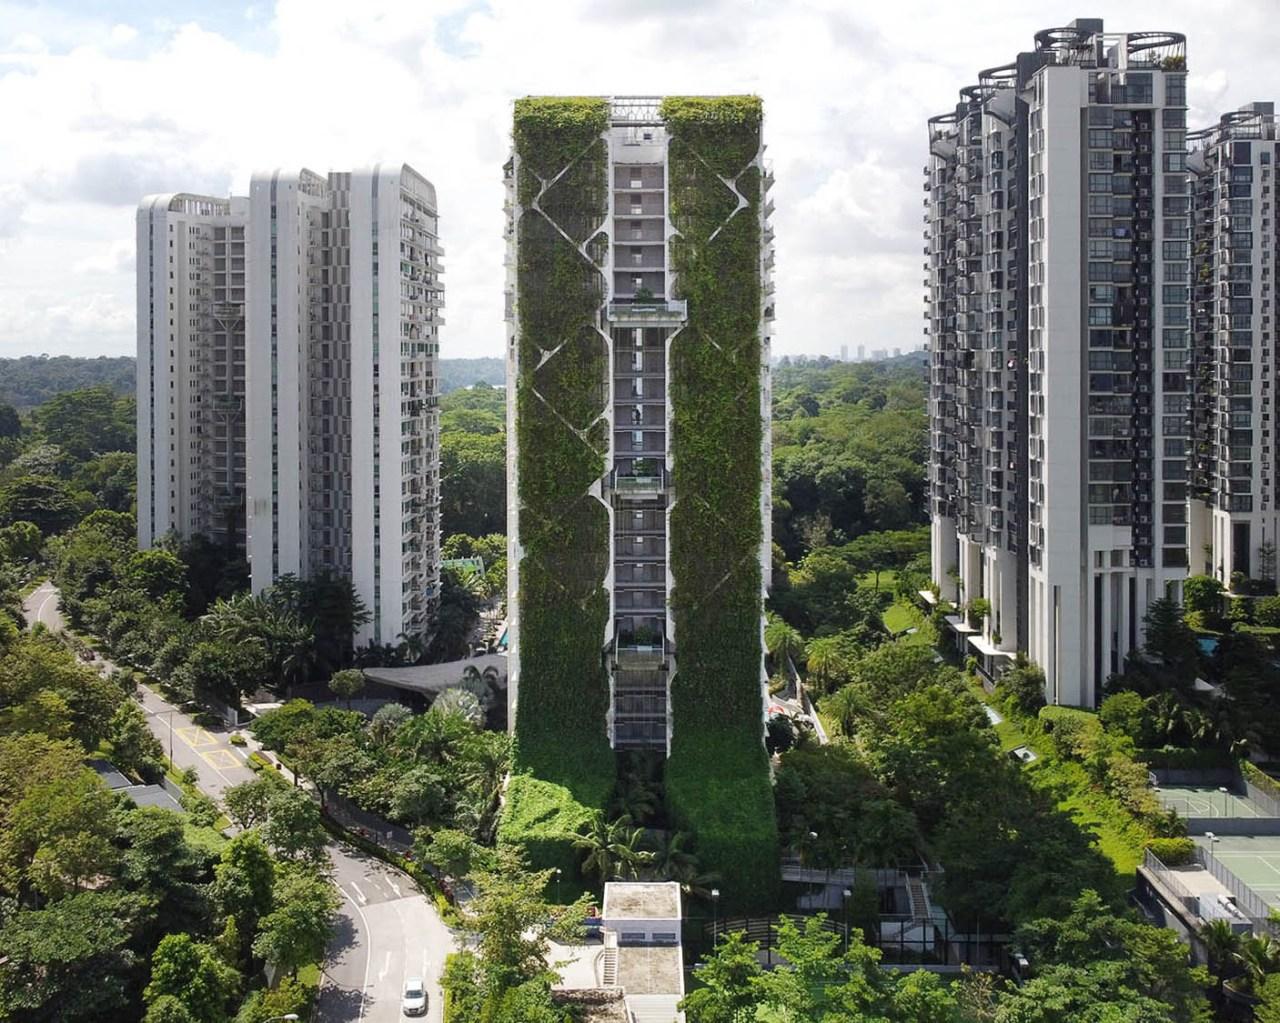 Жилой дом «Tree House» в Сингапуре входит в «Книгу рекордов Гиннесса» как самый большой вертикальный сад в мире. Здание построено из экологически чистых материалов, а растения на стенах уменьшают углеродный след путем фильтрации загрязняющих веществ и углекислого газа из воздуха. Окна спроектированы с учетом жаропонижающих технологий, помогающих сохранить в доме прохладу в течение дня, что помогает сэкономить энергию на кондиционировании